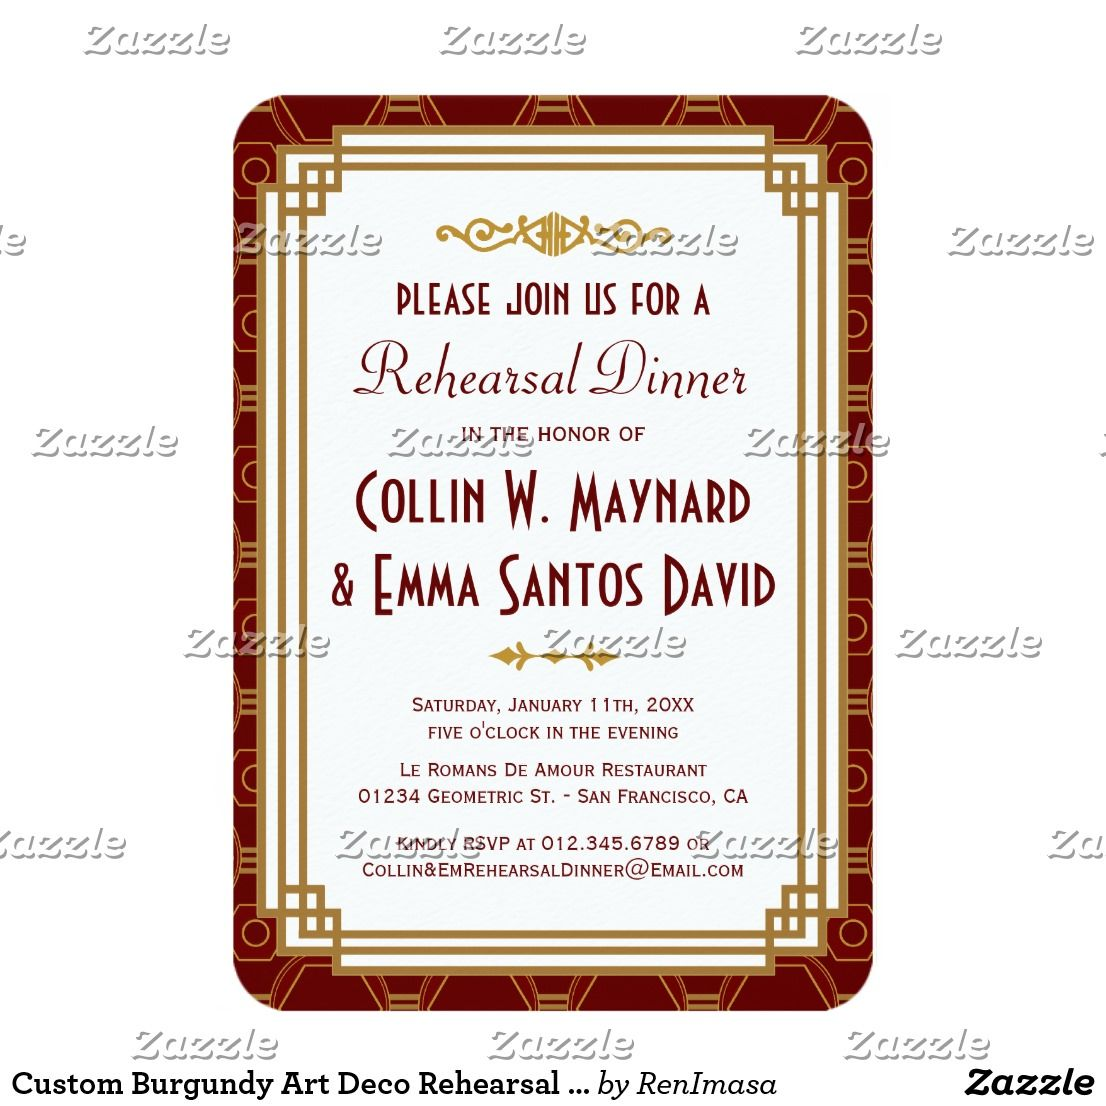 Custom Burgundy Art Deco Rehearsal Dinner Invites Art Deco Wedding